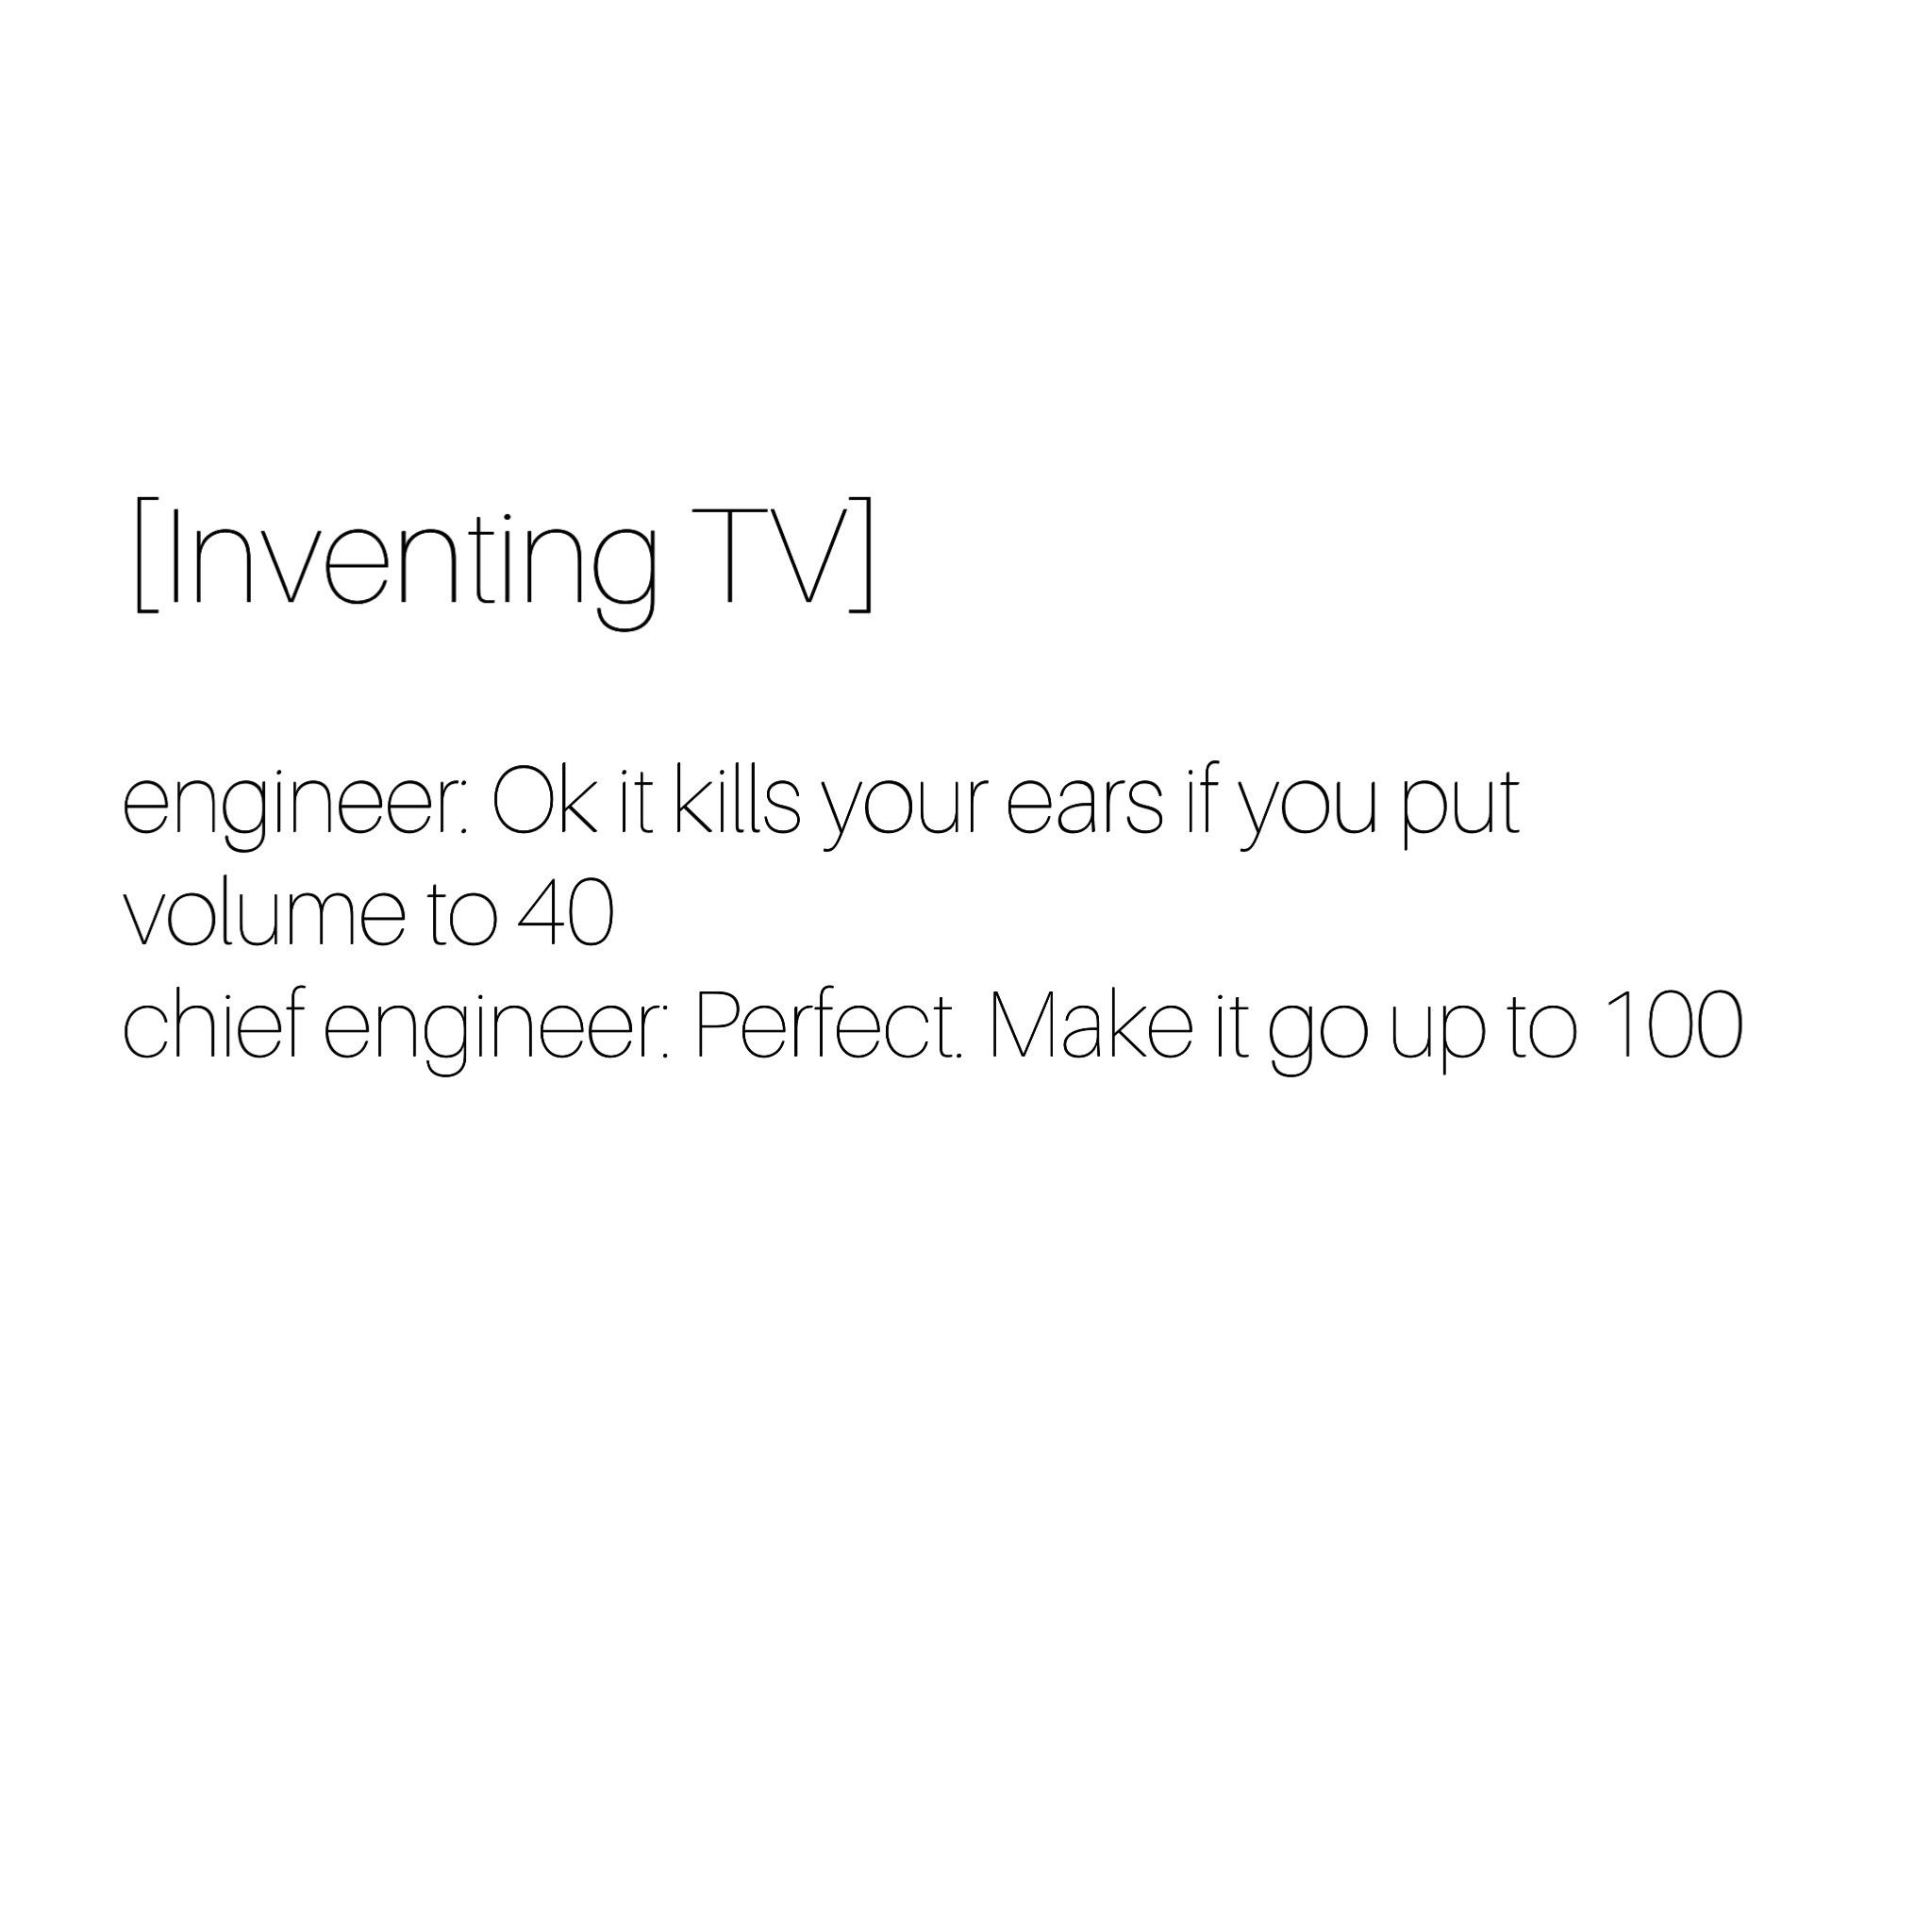 Inventing tv - meme